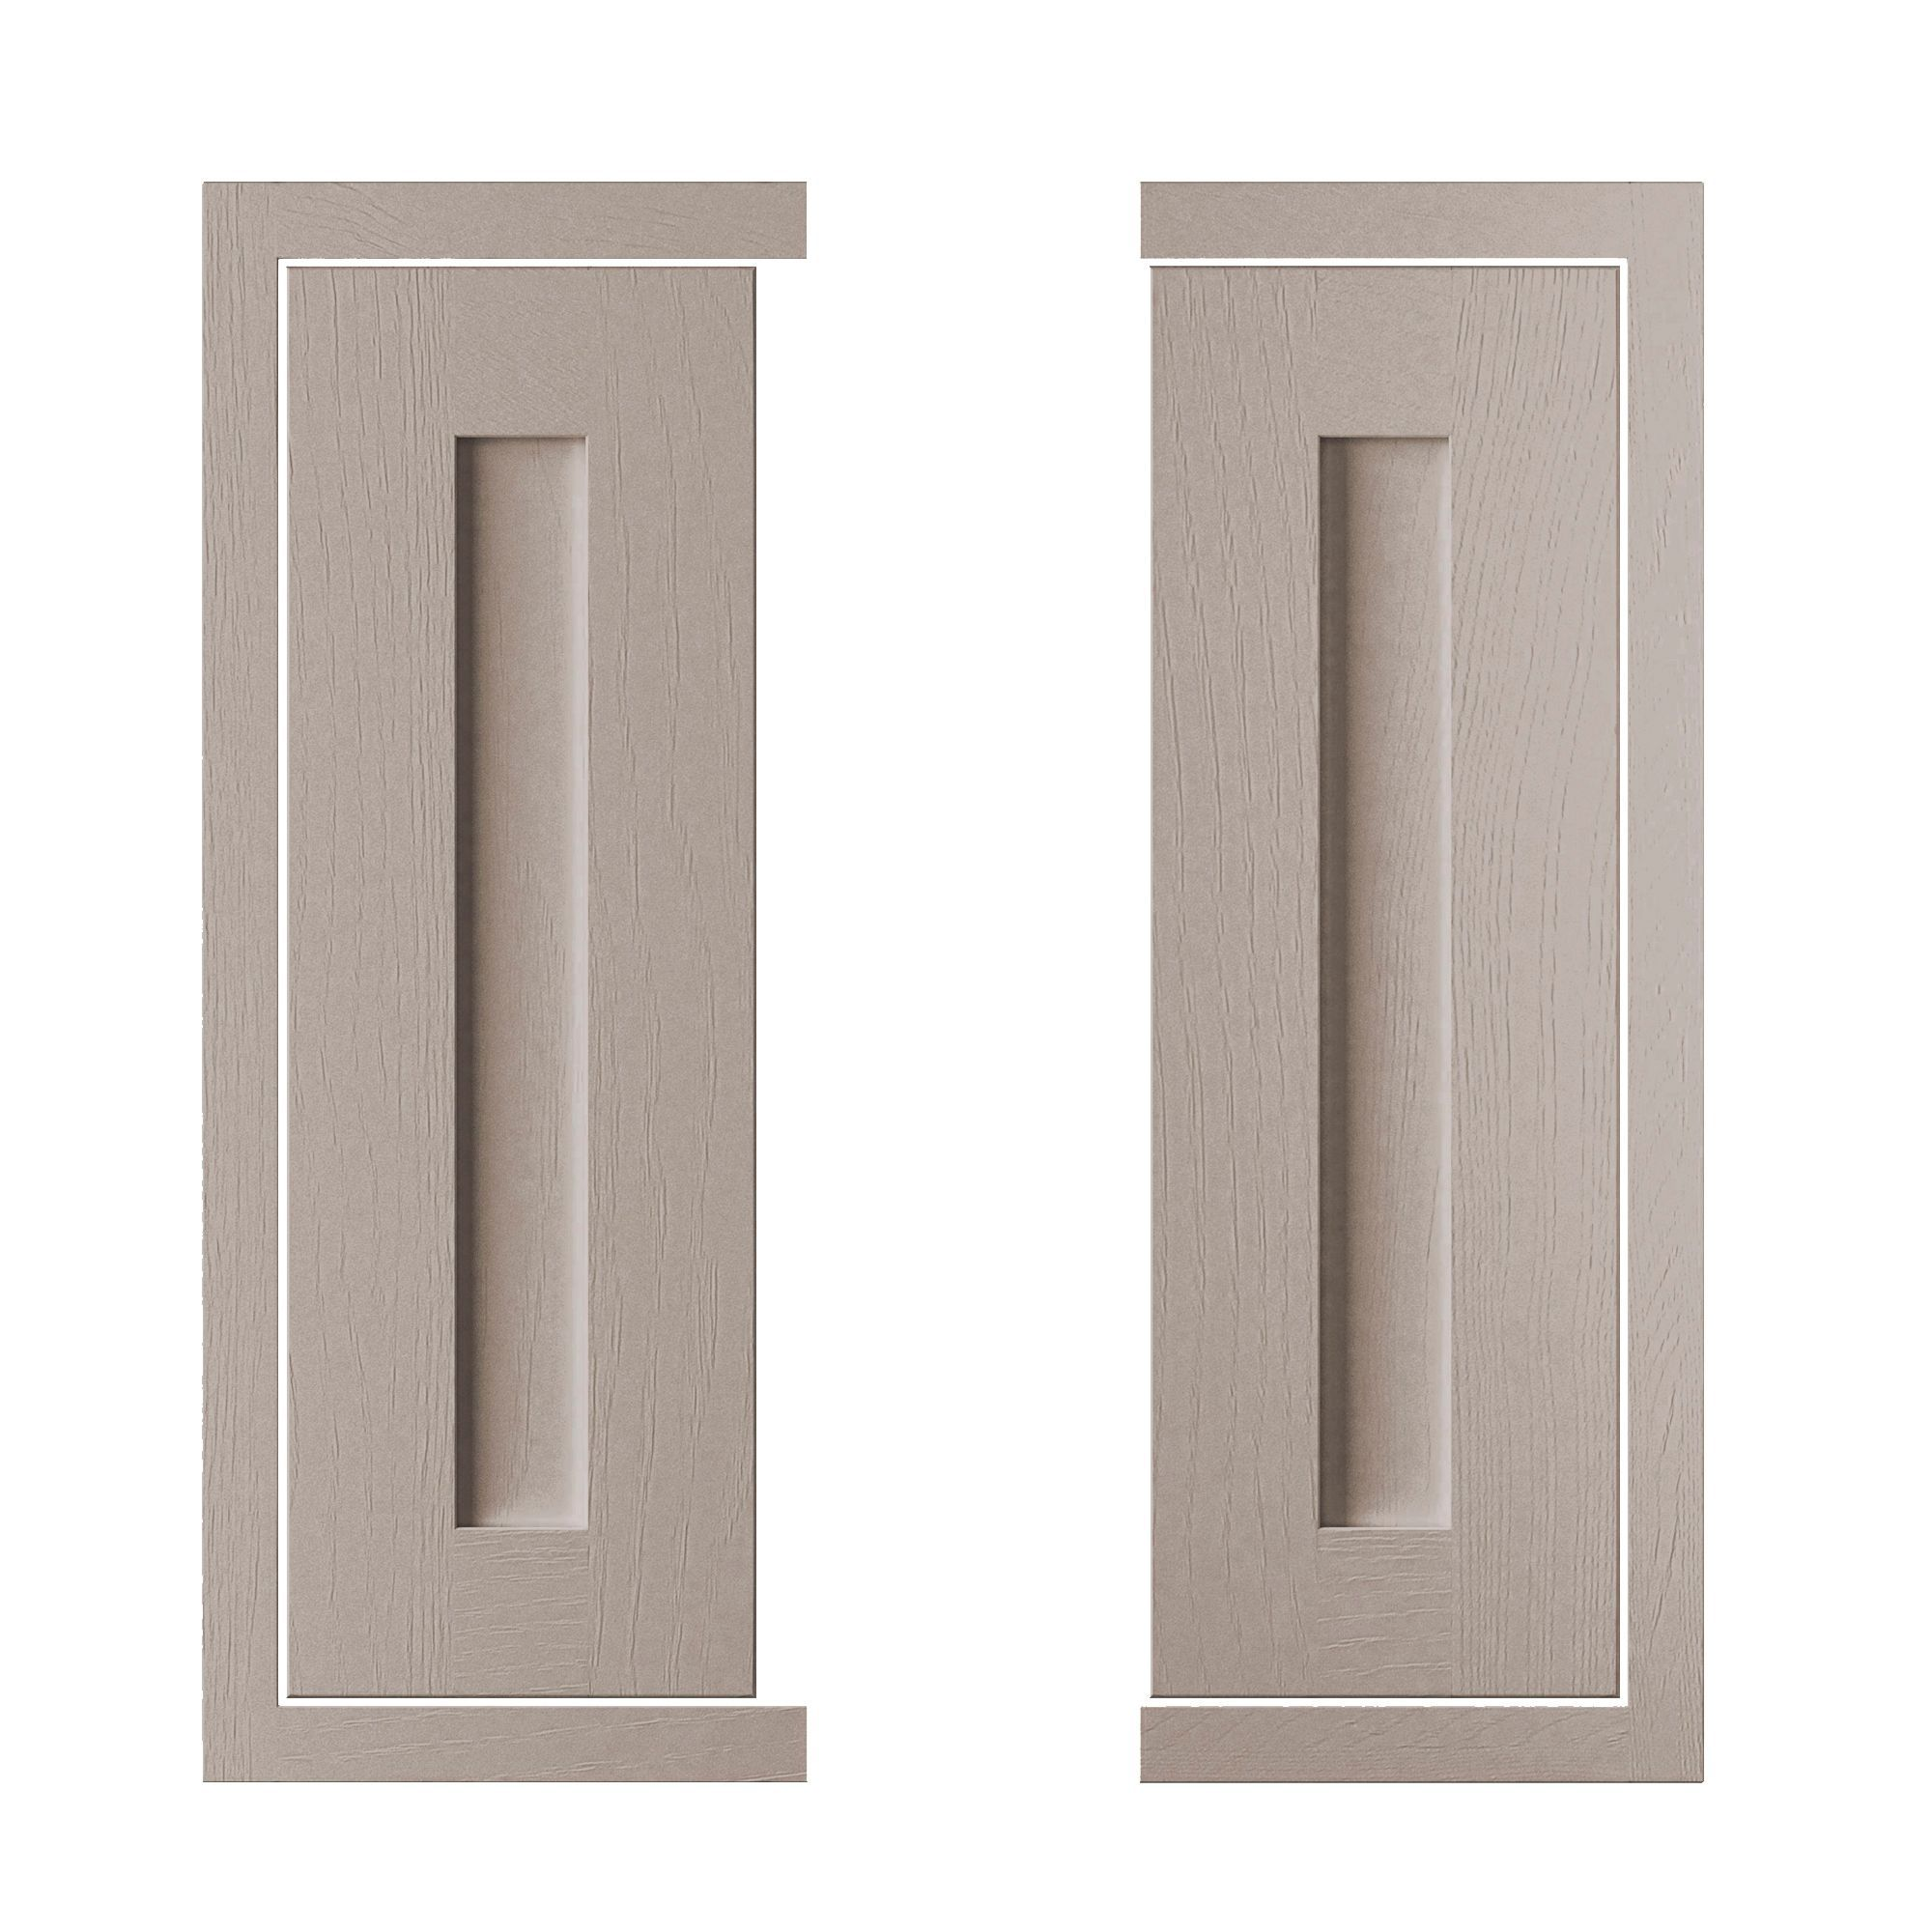 Cooke & Lewis Carisbrooke Taupe Framed Corner Wall Door (w)625mm, Set Of 2